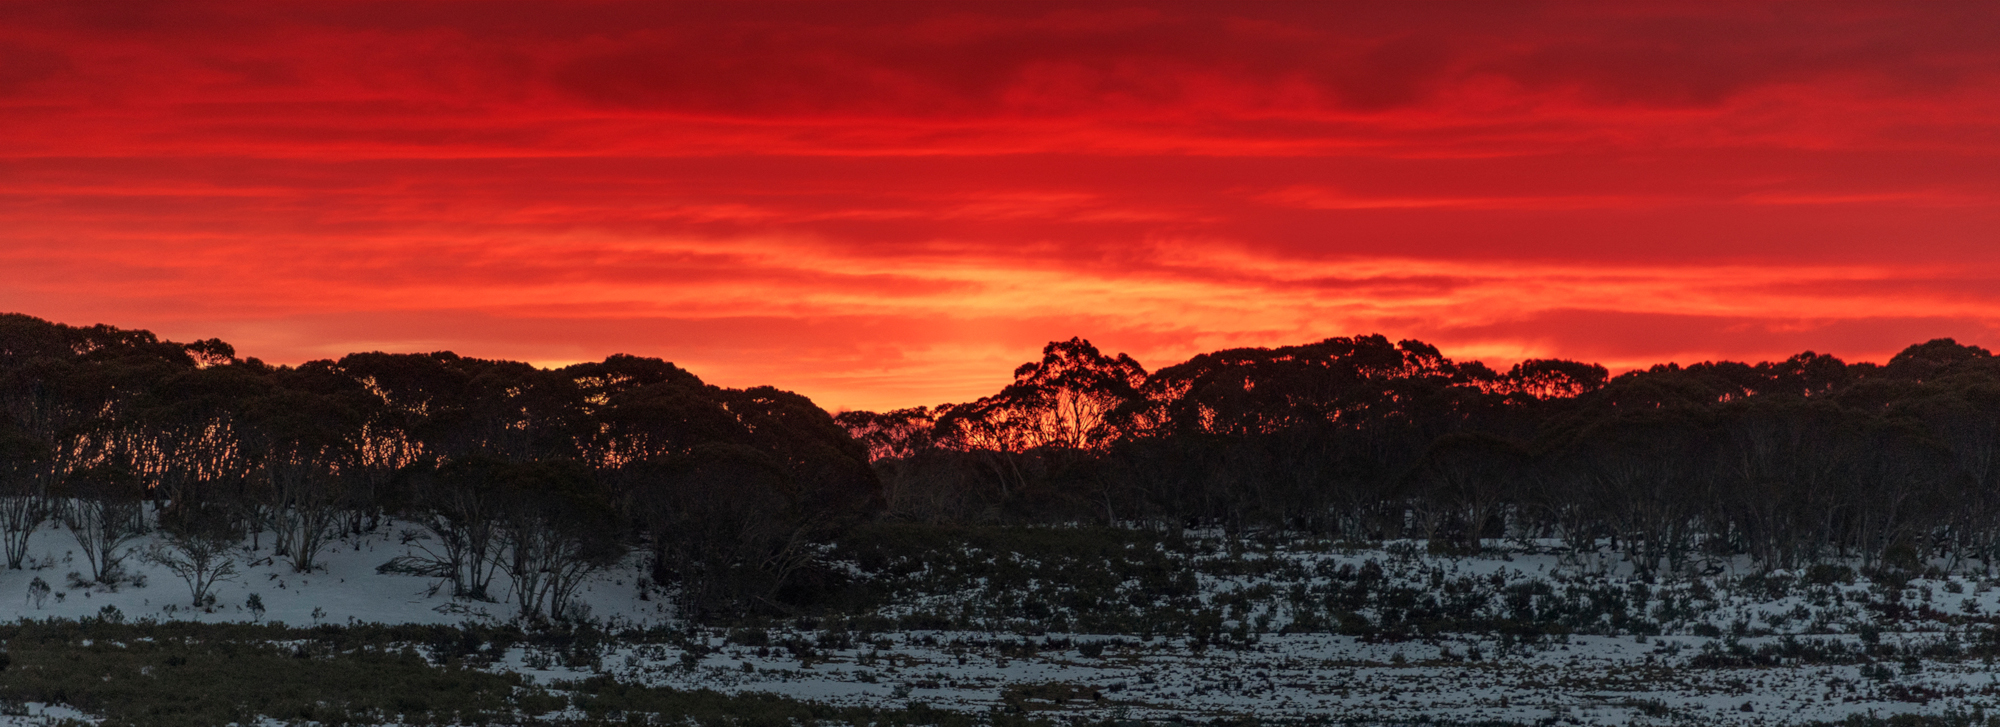 Tzortzis Snowy hydro New South Wales Australia